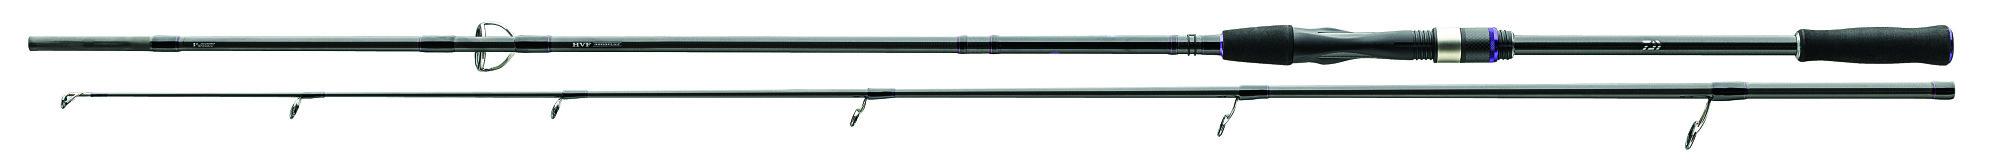 PROREX XR SPIN – Daiwa Qualität vom Feinsten. Die perfekte Rute für Großhechte.